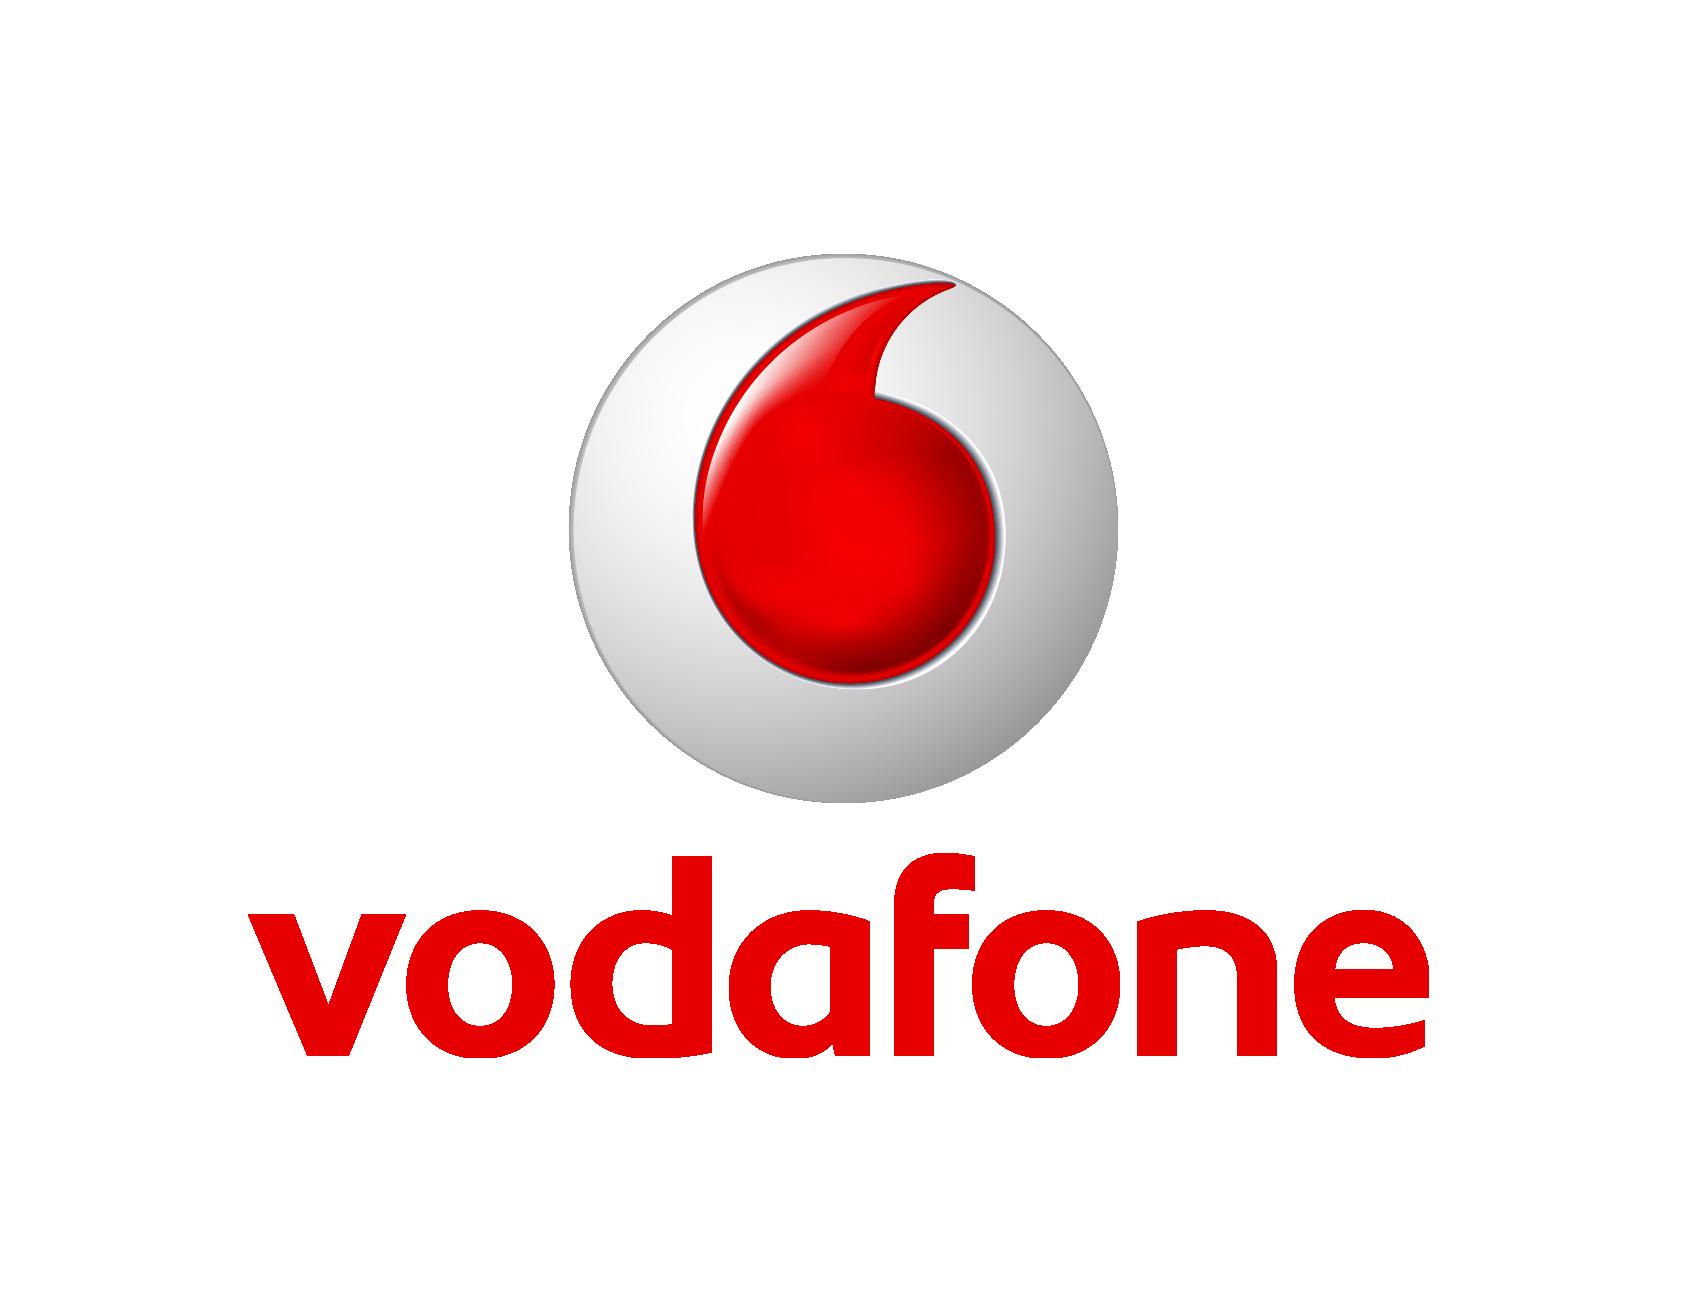 Vodafone Adsl, telefono e Internet su ce